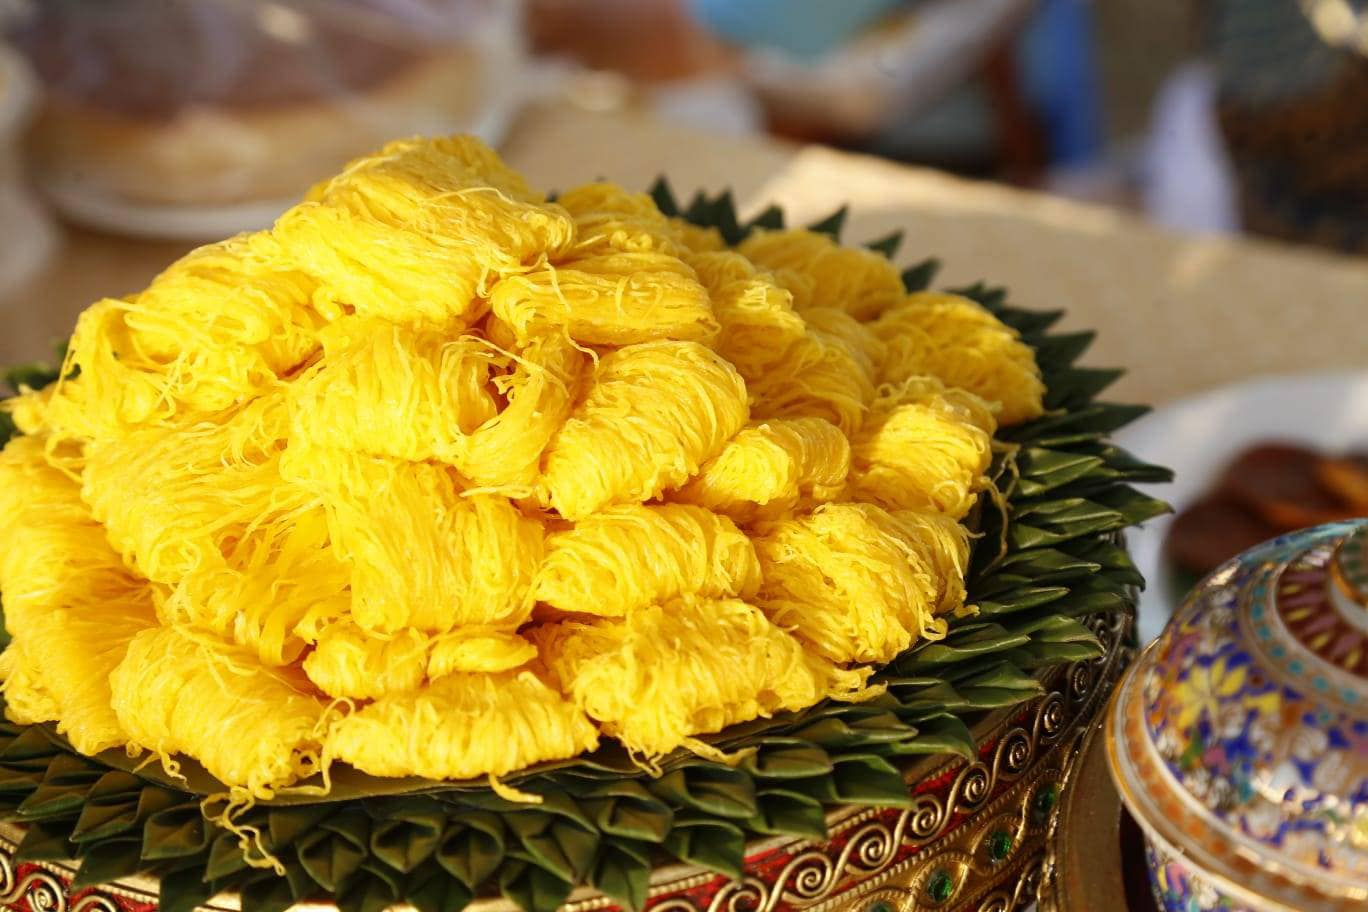 Foi Thong, sobremesa similas aos Fios de Ovos do Brasil